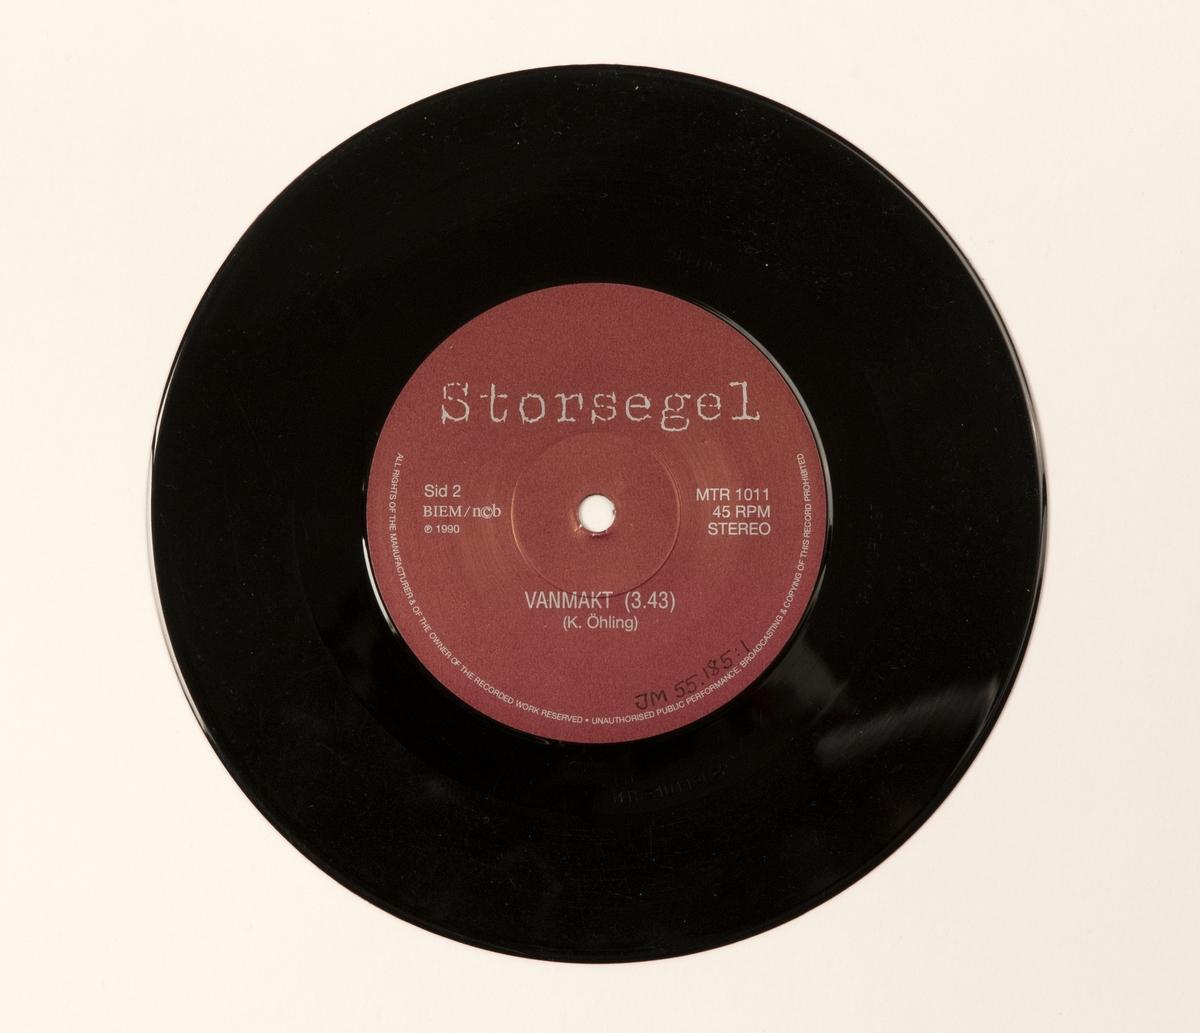 Singel-skiva av svart vinyl med rost-brun pappersetikett, i omslag av vikt, styvt papper, i plastficka. Inne i omslaget finns löst blad av papper med tryckta låttexter.  Innehåll Sid 1: Sista bussen Sid 2: Vanmakt  JM 55185:1, Skiva JM 55185:2, Omslag/vikt papper JM 55185:3, Plastficka JM 55 185:4, Löst blad